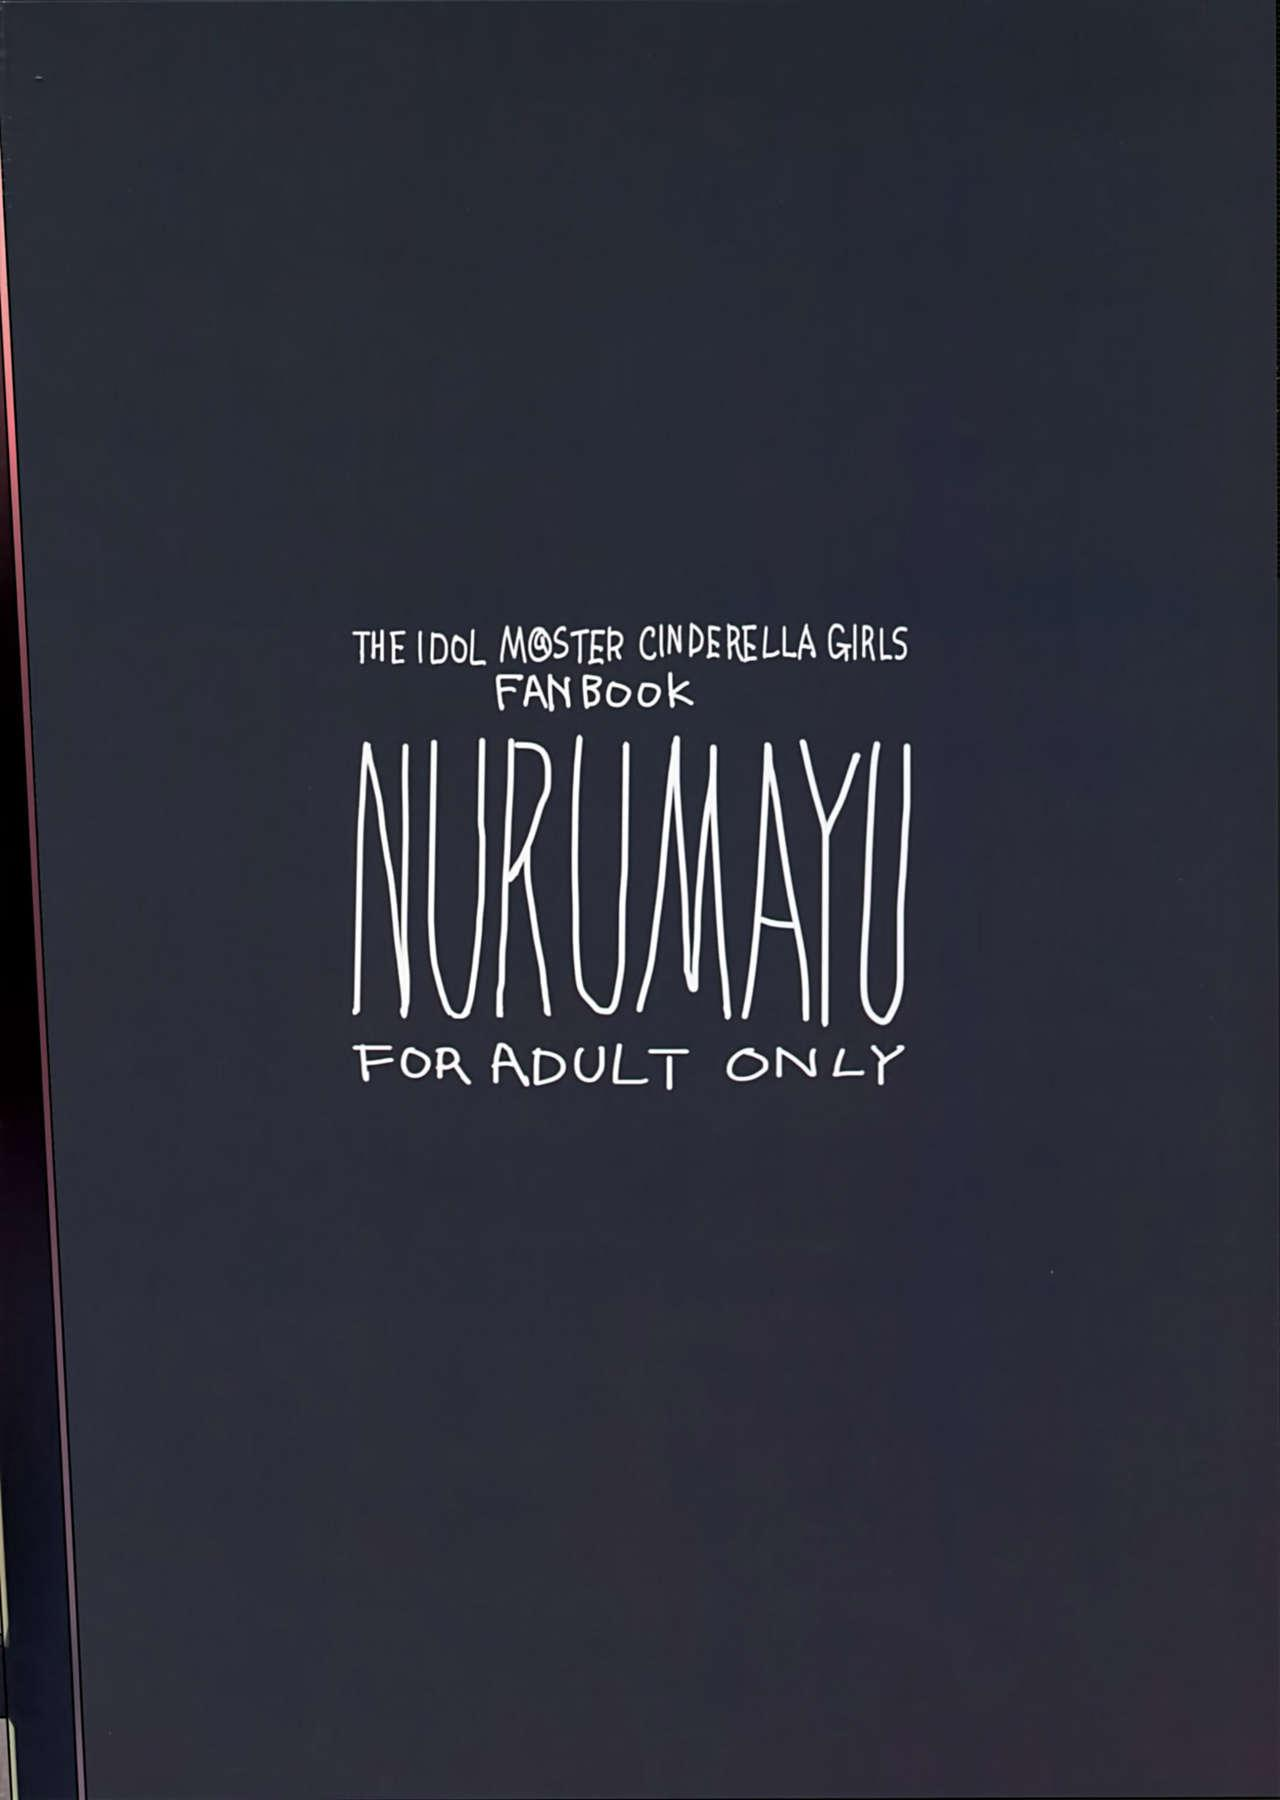 Nurumayu 23